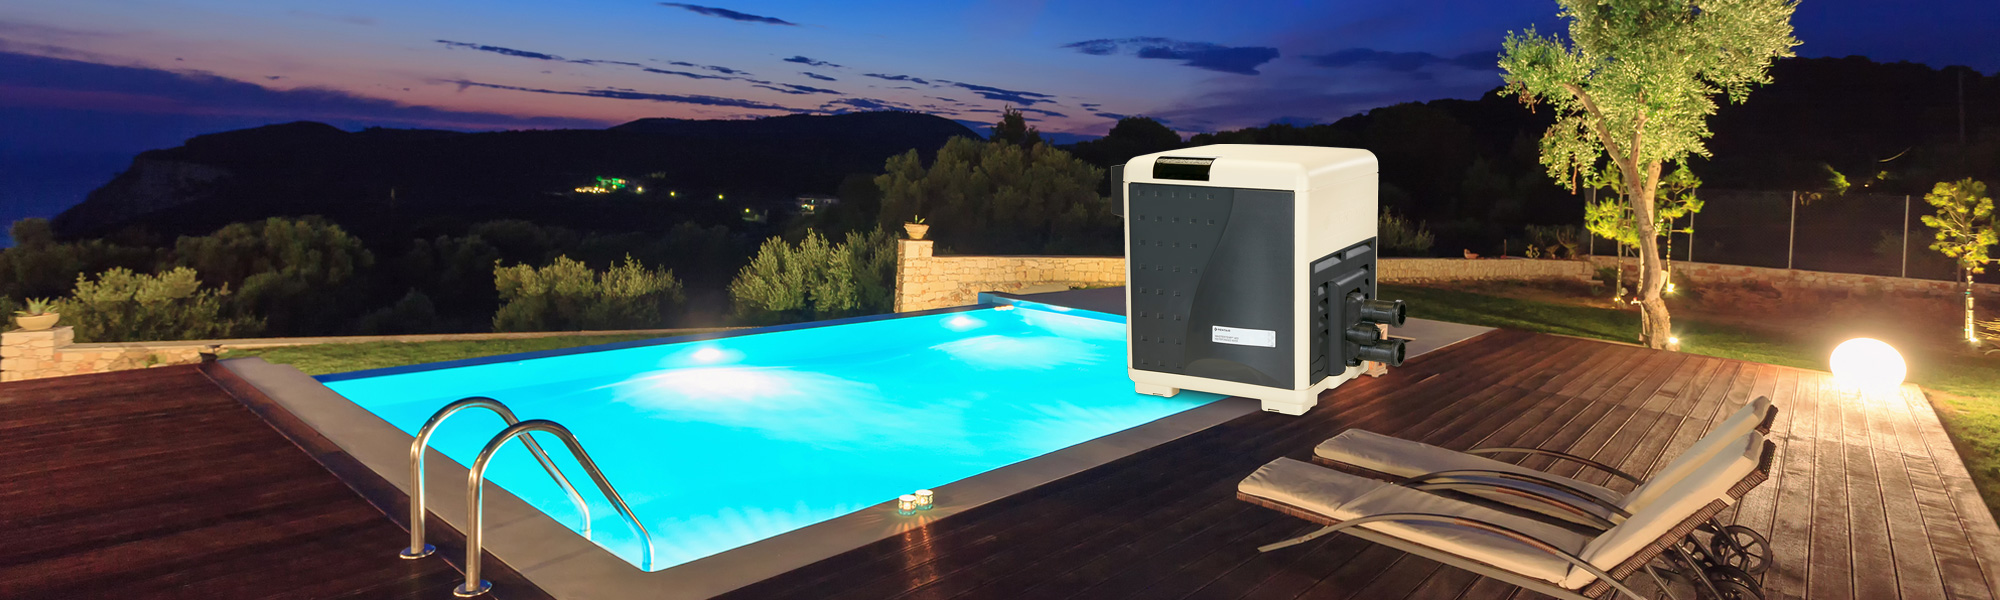 MasterTemp Gas Pool Heaters